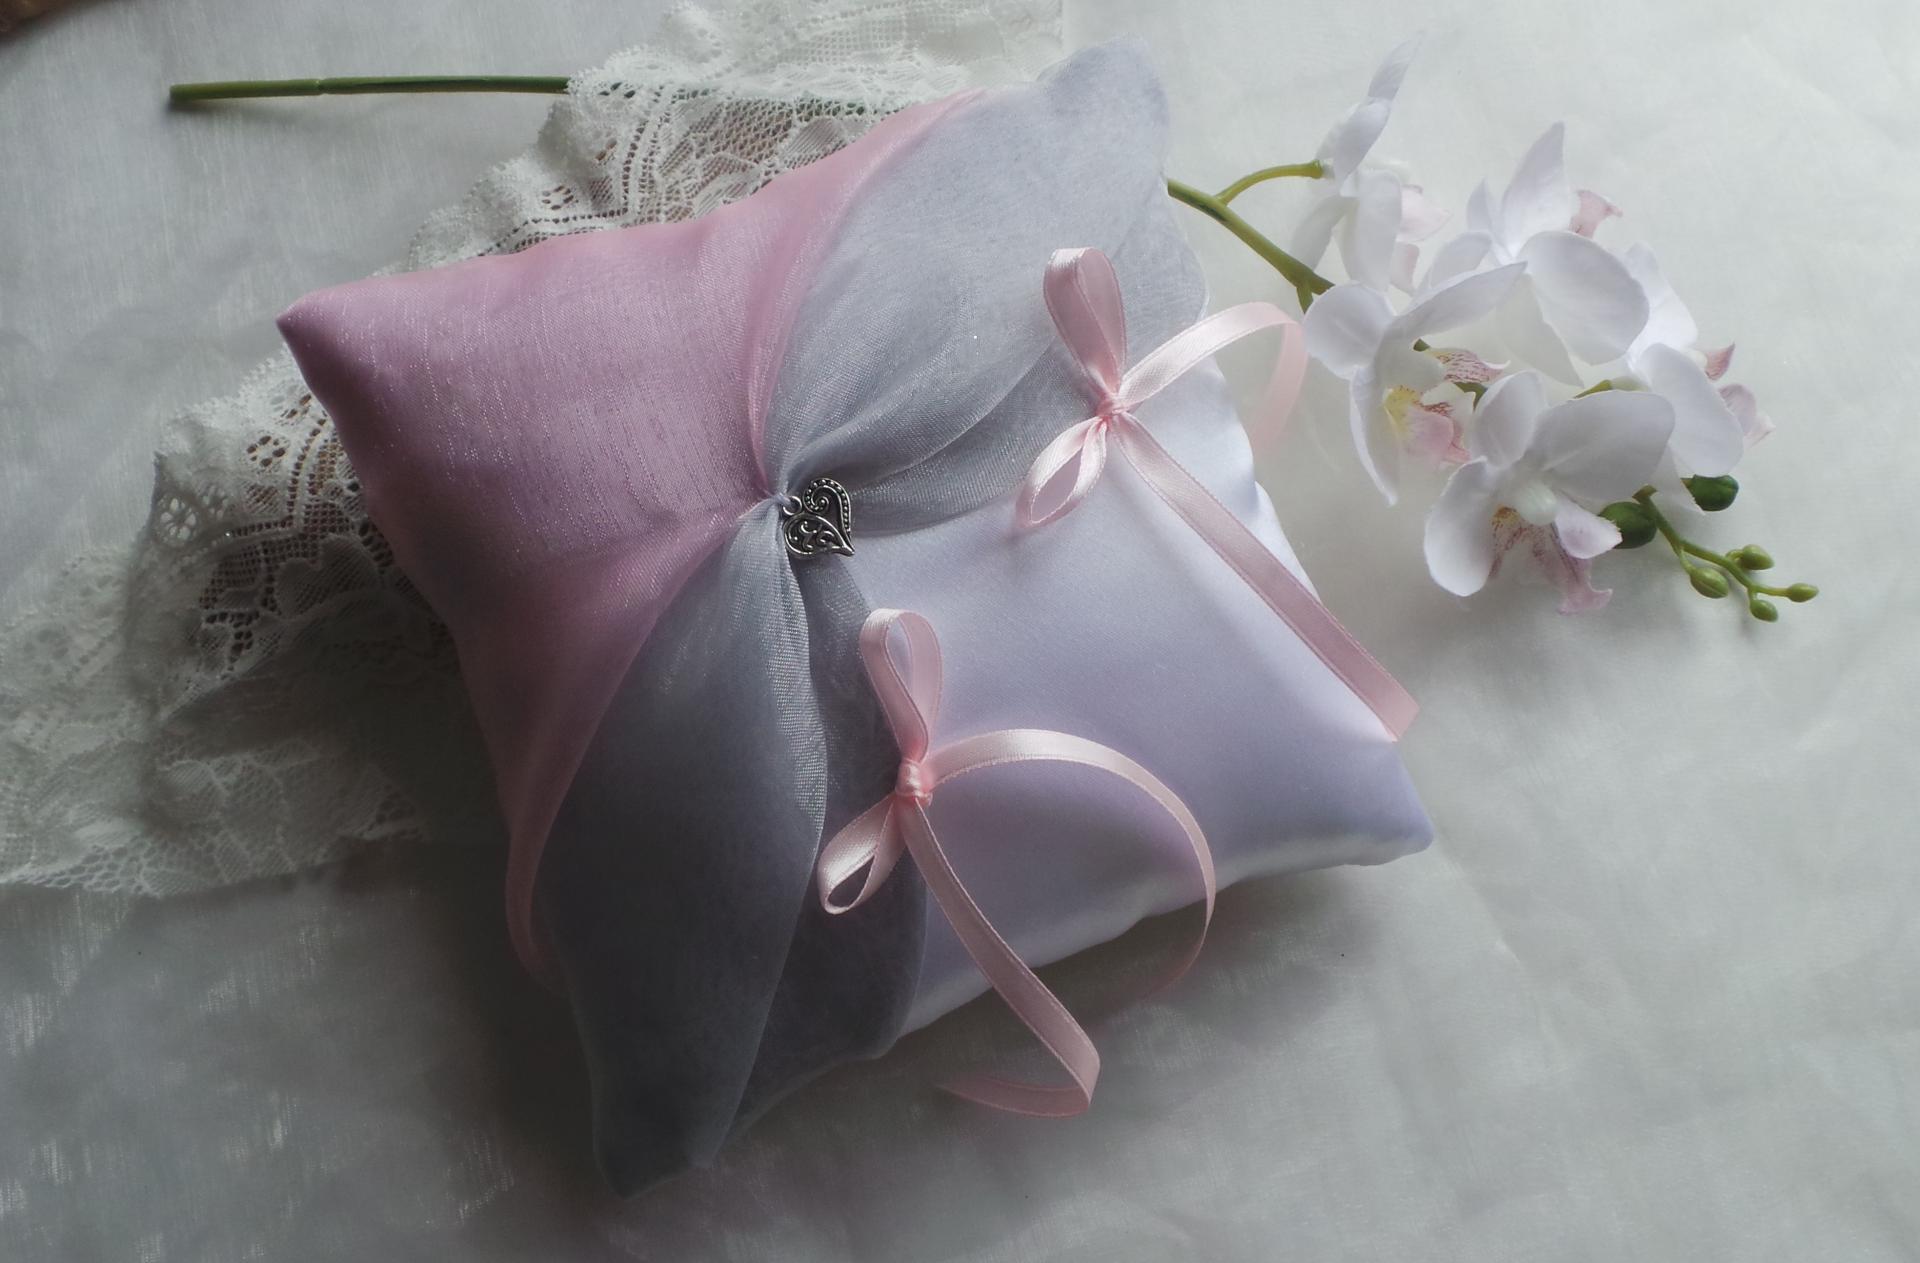 Coussin alliance chic gris et rose pale blanc ou ivoire personnalise